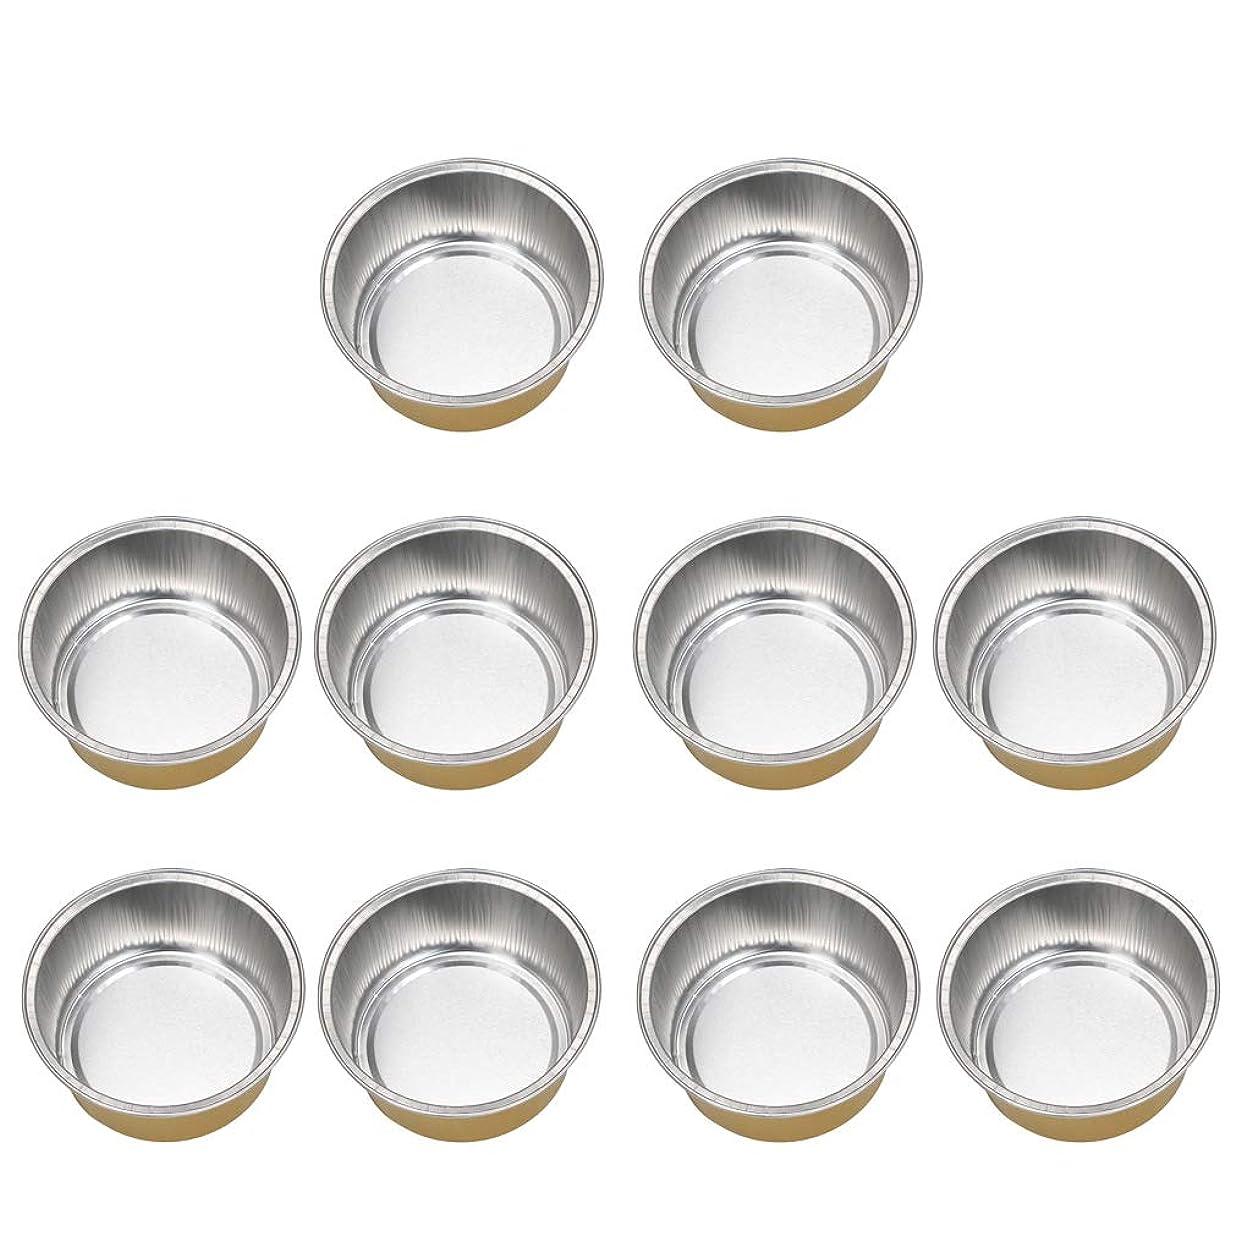 改革以前はPerfeclan 10個 アルミホイルボウル ワックスボウル ミニボウル ワックス豆体 融解ケース 衛生 2種選ぶ - ゴールデン2, 02